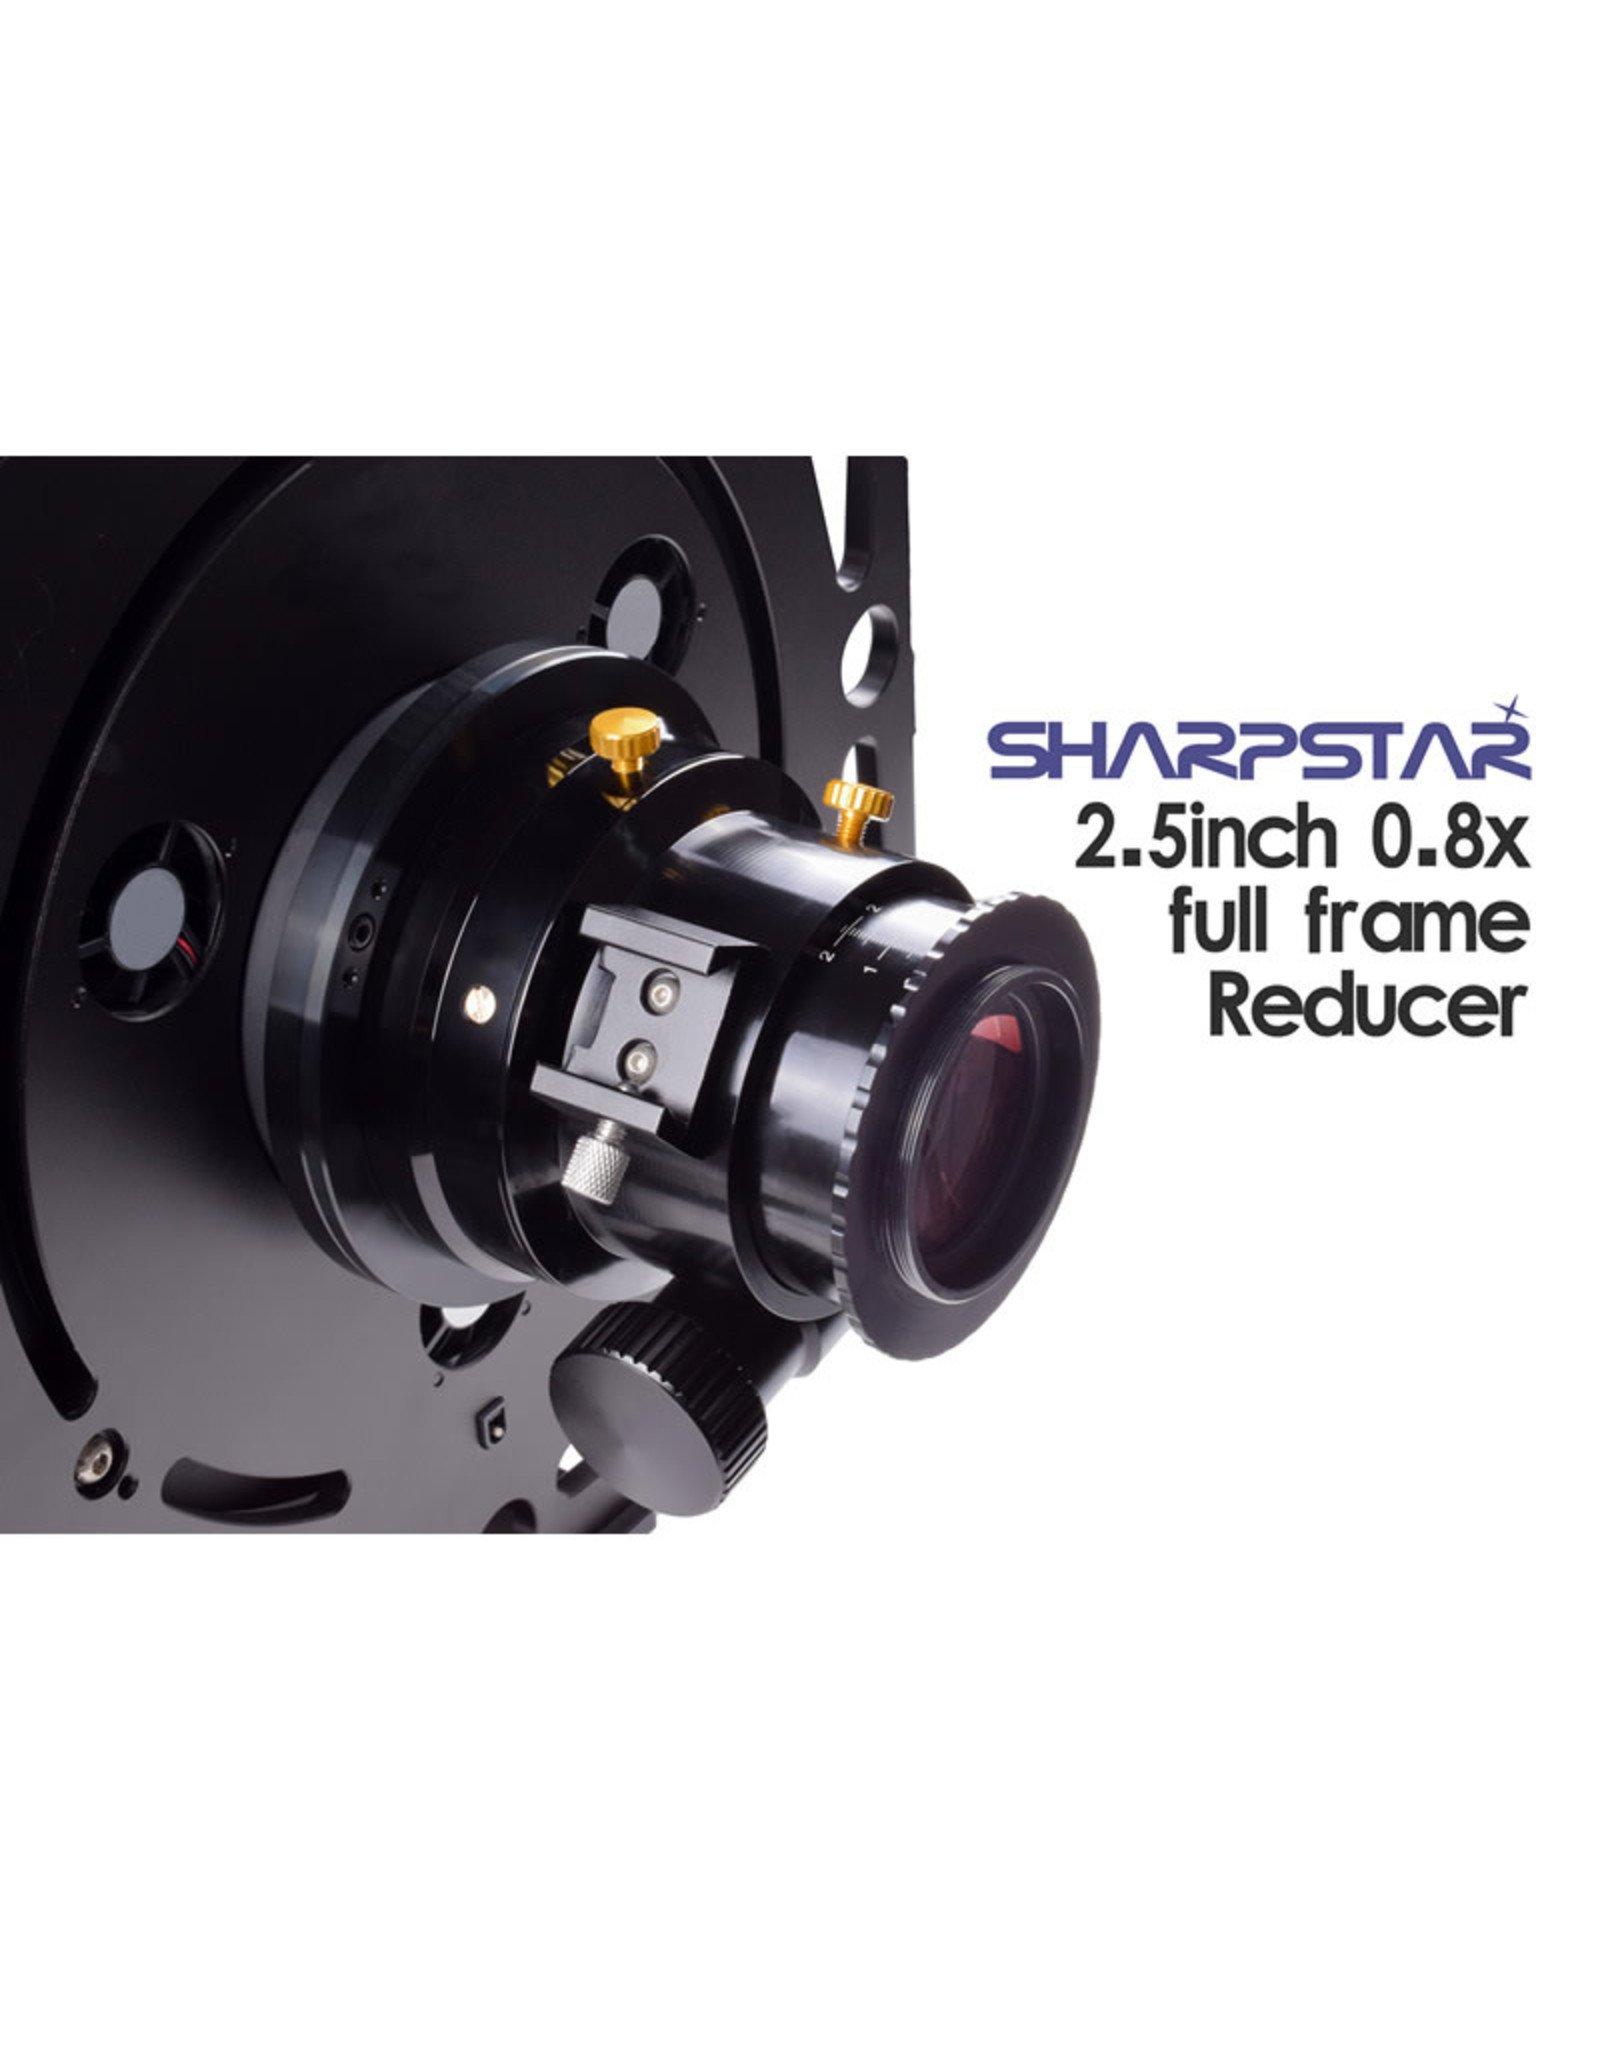 Sharpstar Sharpstar RC2508 Full Frame 0.8x Reducer for 200mm-800mm RC System OTAs